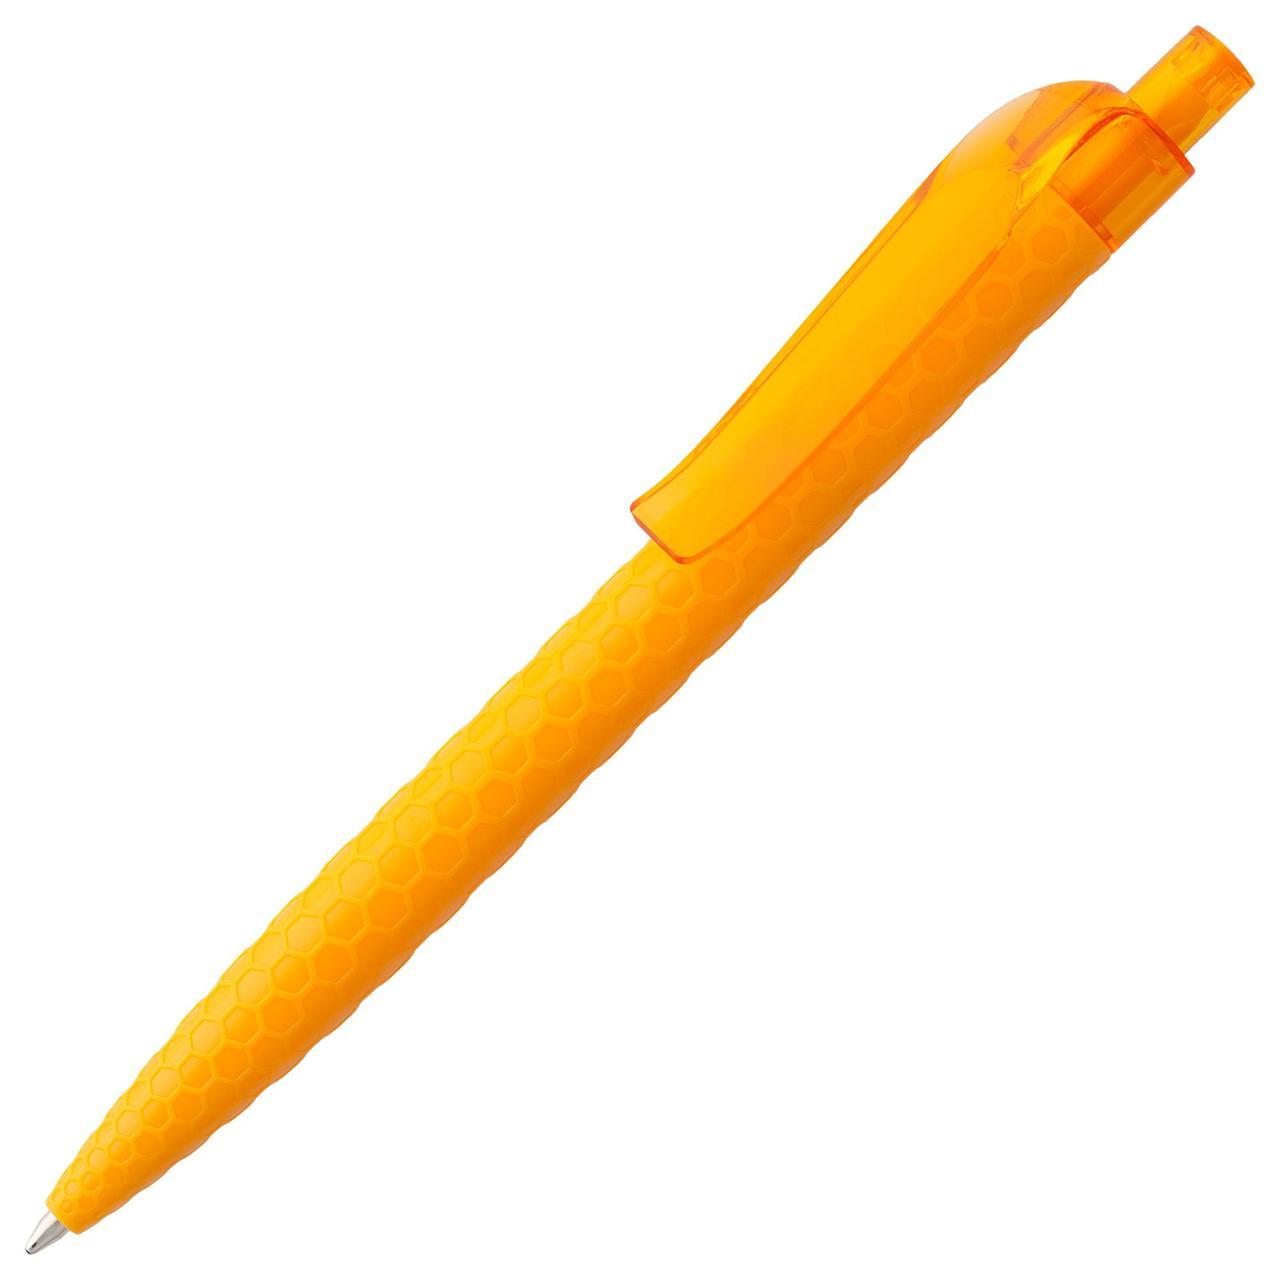 Ручка шариковая Prodir QS04 PPT Honey, оранжевая (артикул 3455.20)